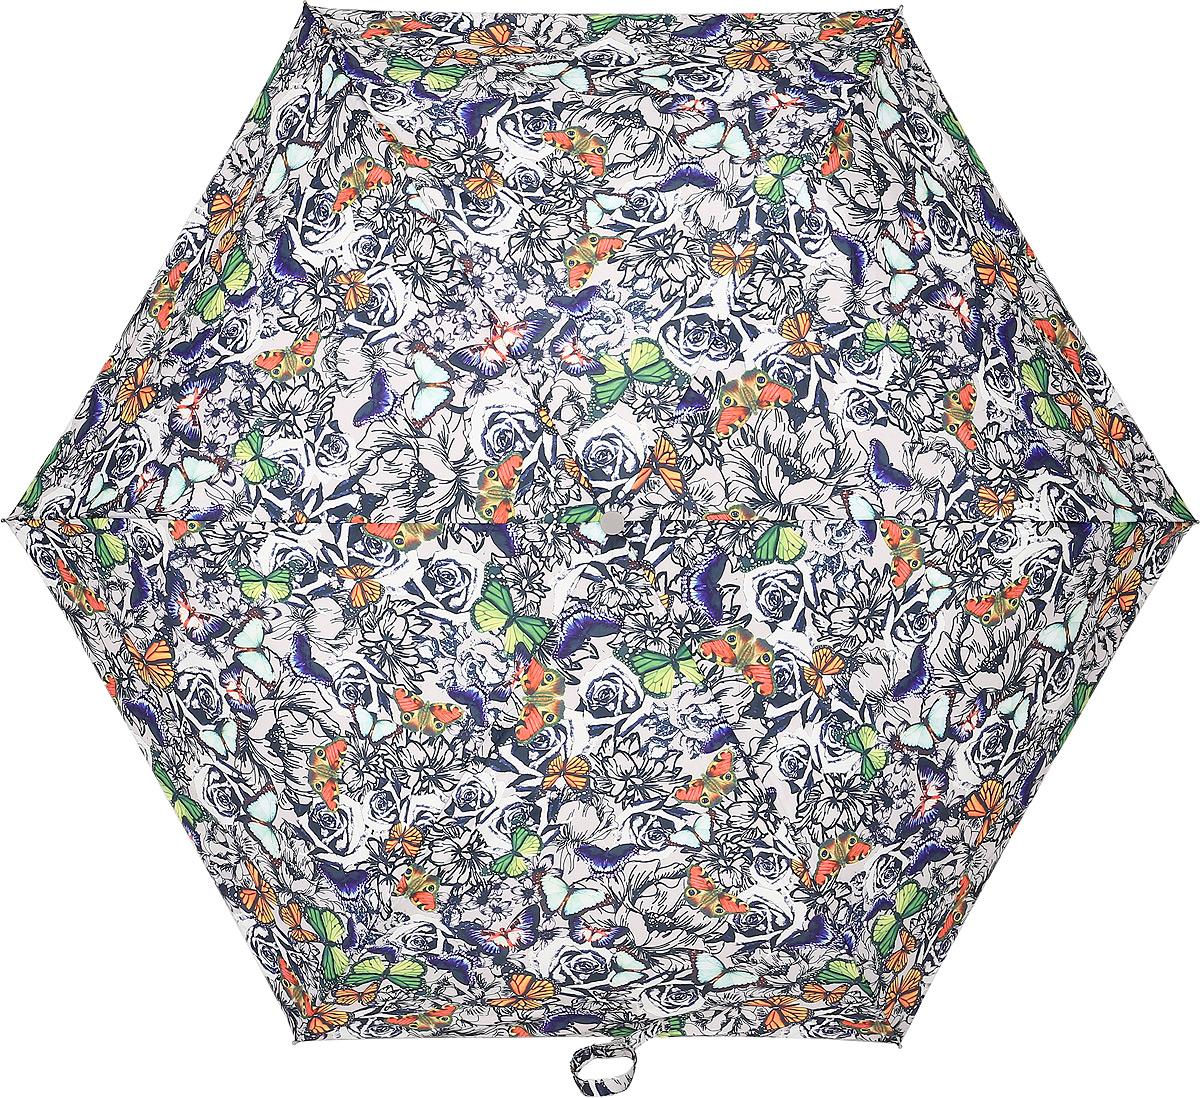 Зонт женский Fulton, механический, 3 сложения, цвет: мультиколор. L553-3285L553-3285 ButterflyNRosesСтильный механический зонт Fulton имеет 3 сложения, даже в ненастную погоду позволит вам оставаться стильной. Легкий, но в тоже время прочный алюминиевый каркас состоит из шести спиц с элементами из фибергласса. Купол зонта выполнен из прочного полиэстера с водоотталкивающей пропиткой. Рукоятка закругленной формы, разработанная с учетом требований эргономики, выполнена из каучука. Зонт имеет механический способ сложения: и купол, и стержень открываются и закрываются вручную до характерного щелчка.